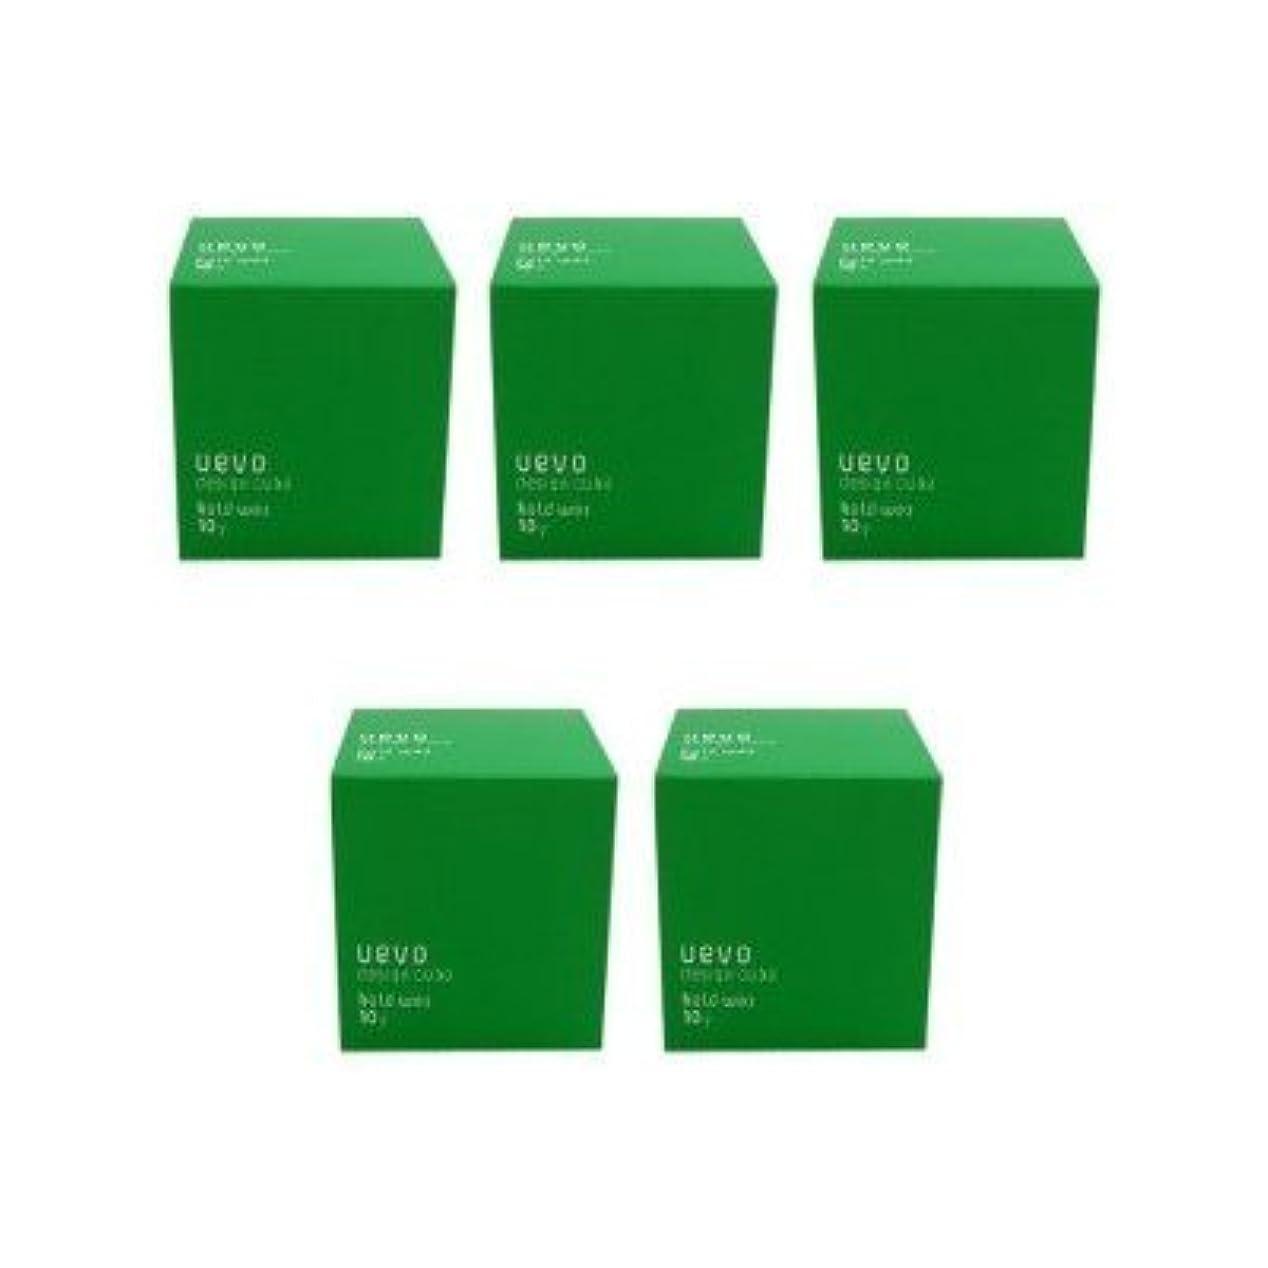 塩辛い解凍する、雪解け、霜解け思いやりのある【X5個セット】 デミ ウェーボ デザインキューブ ホールドワックス 80g hold wax DEMI uevo design cube